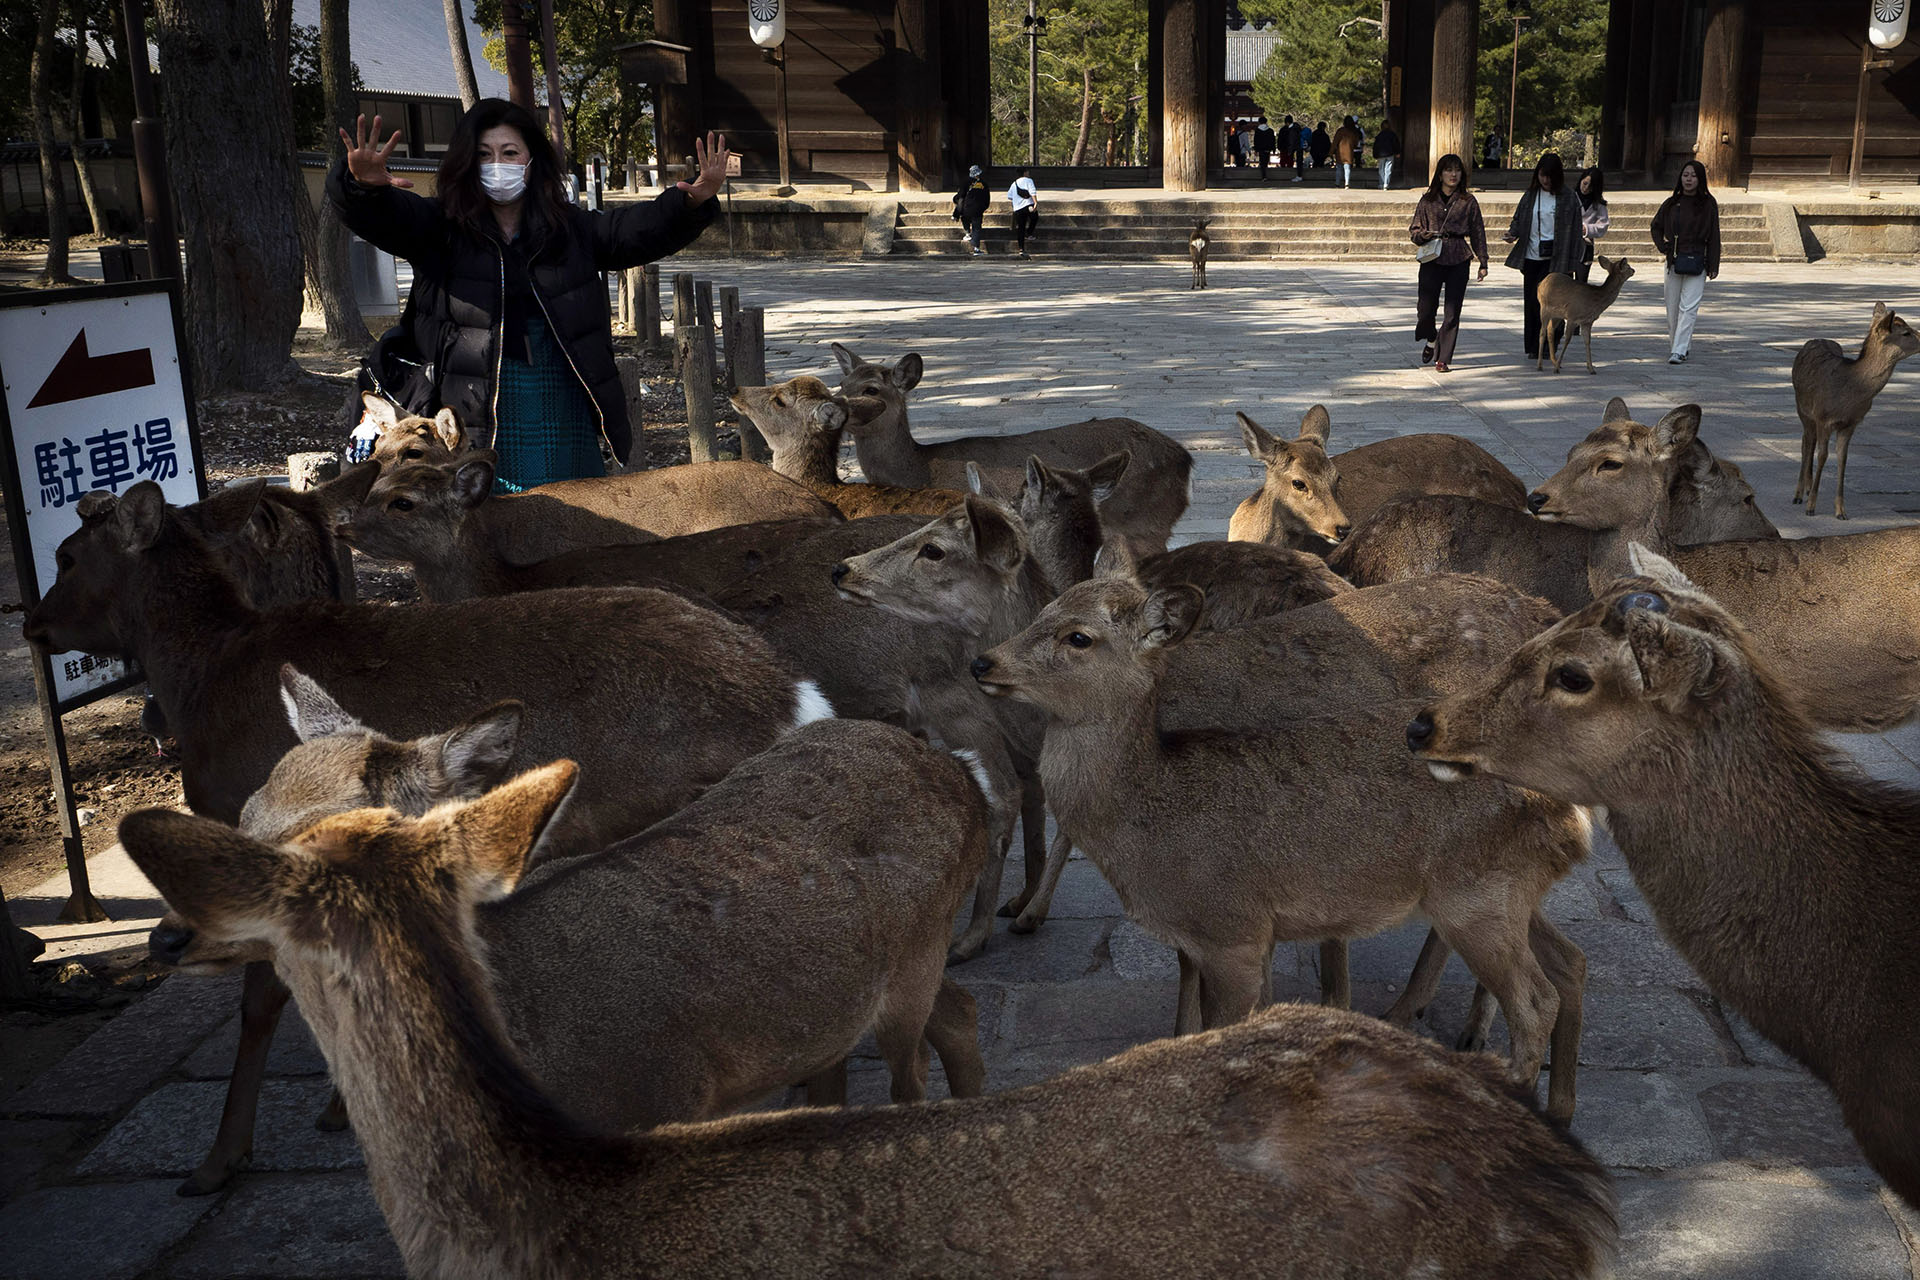 Rodeada de ciervos, una turista muestra sus manos vacías después de alimentarlos con galletas, golosinas hechas principalmente con harina de trigo y salvado de arroz, cerca del templo Todaiji en Nara, Japón (AP Photo / Jae C. Hong)